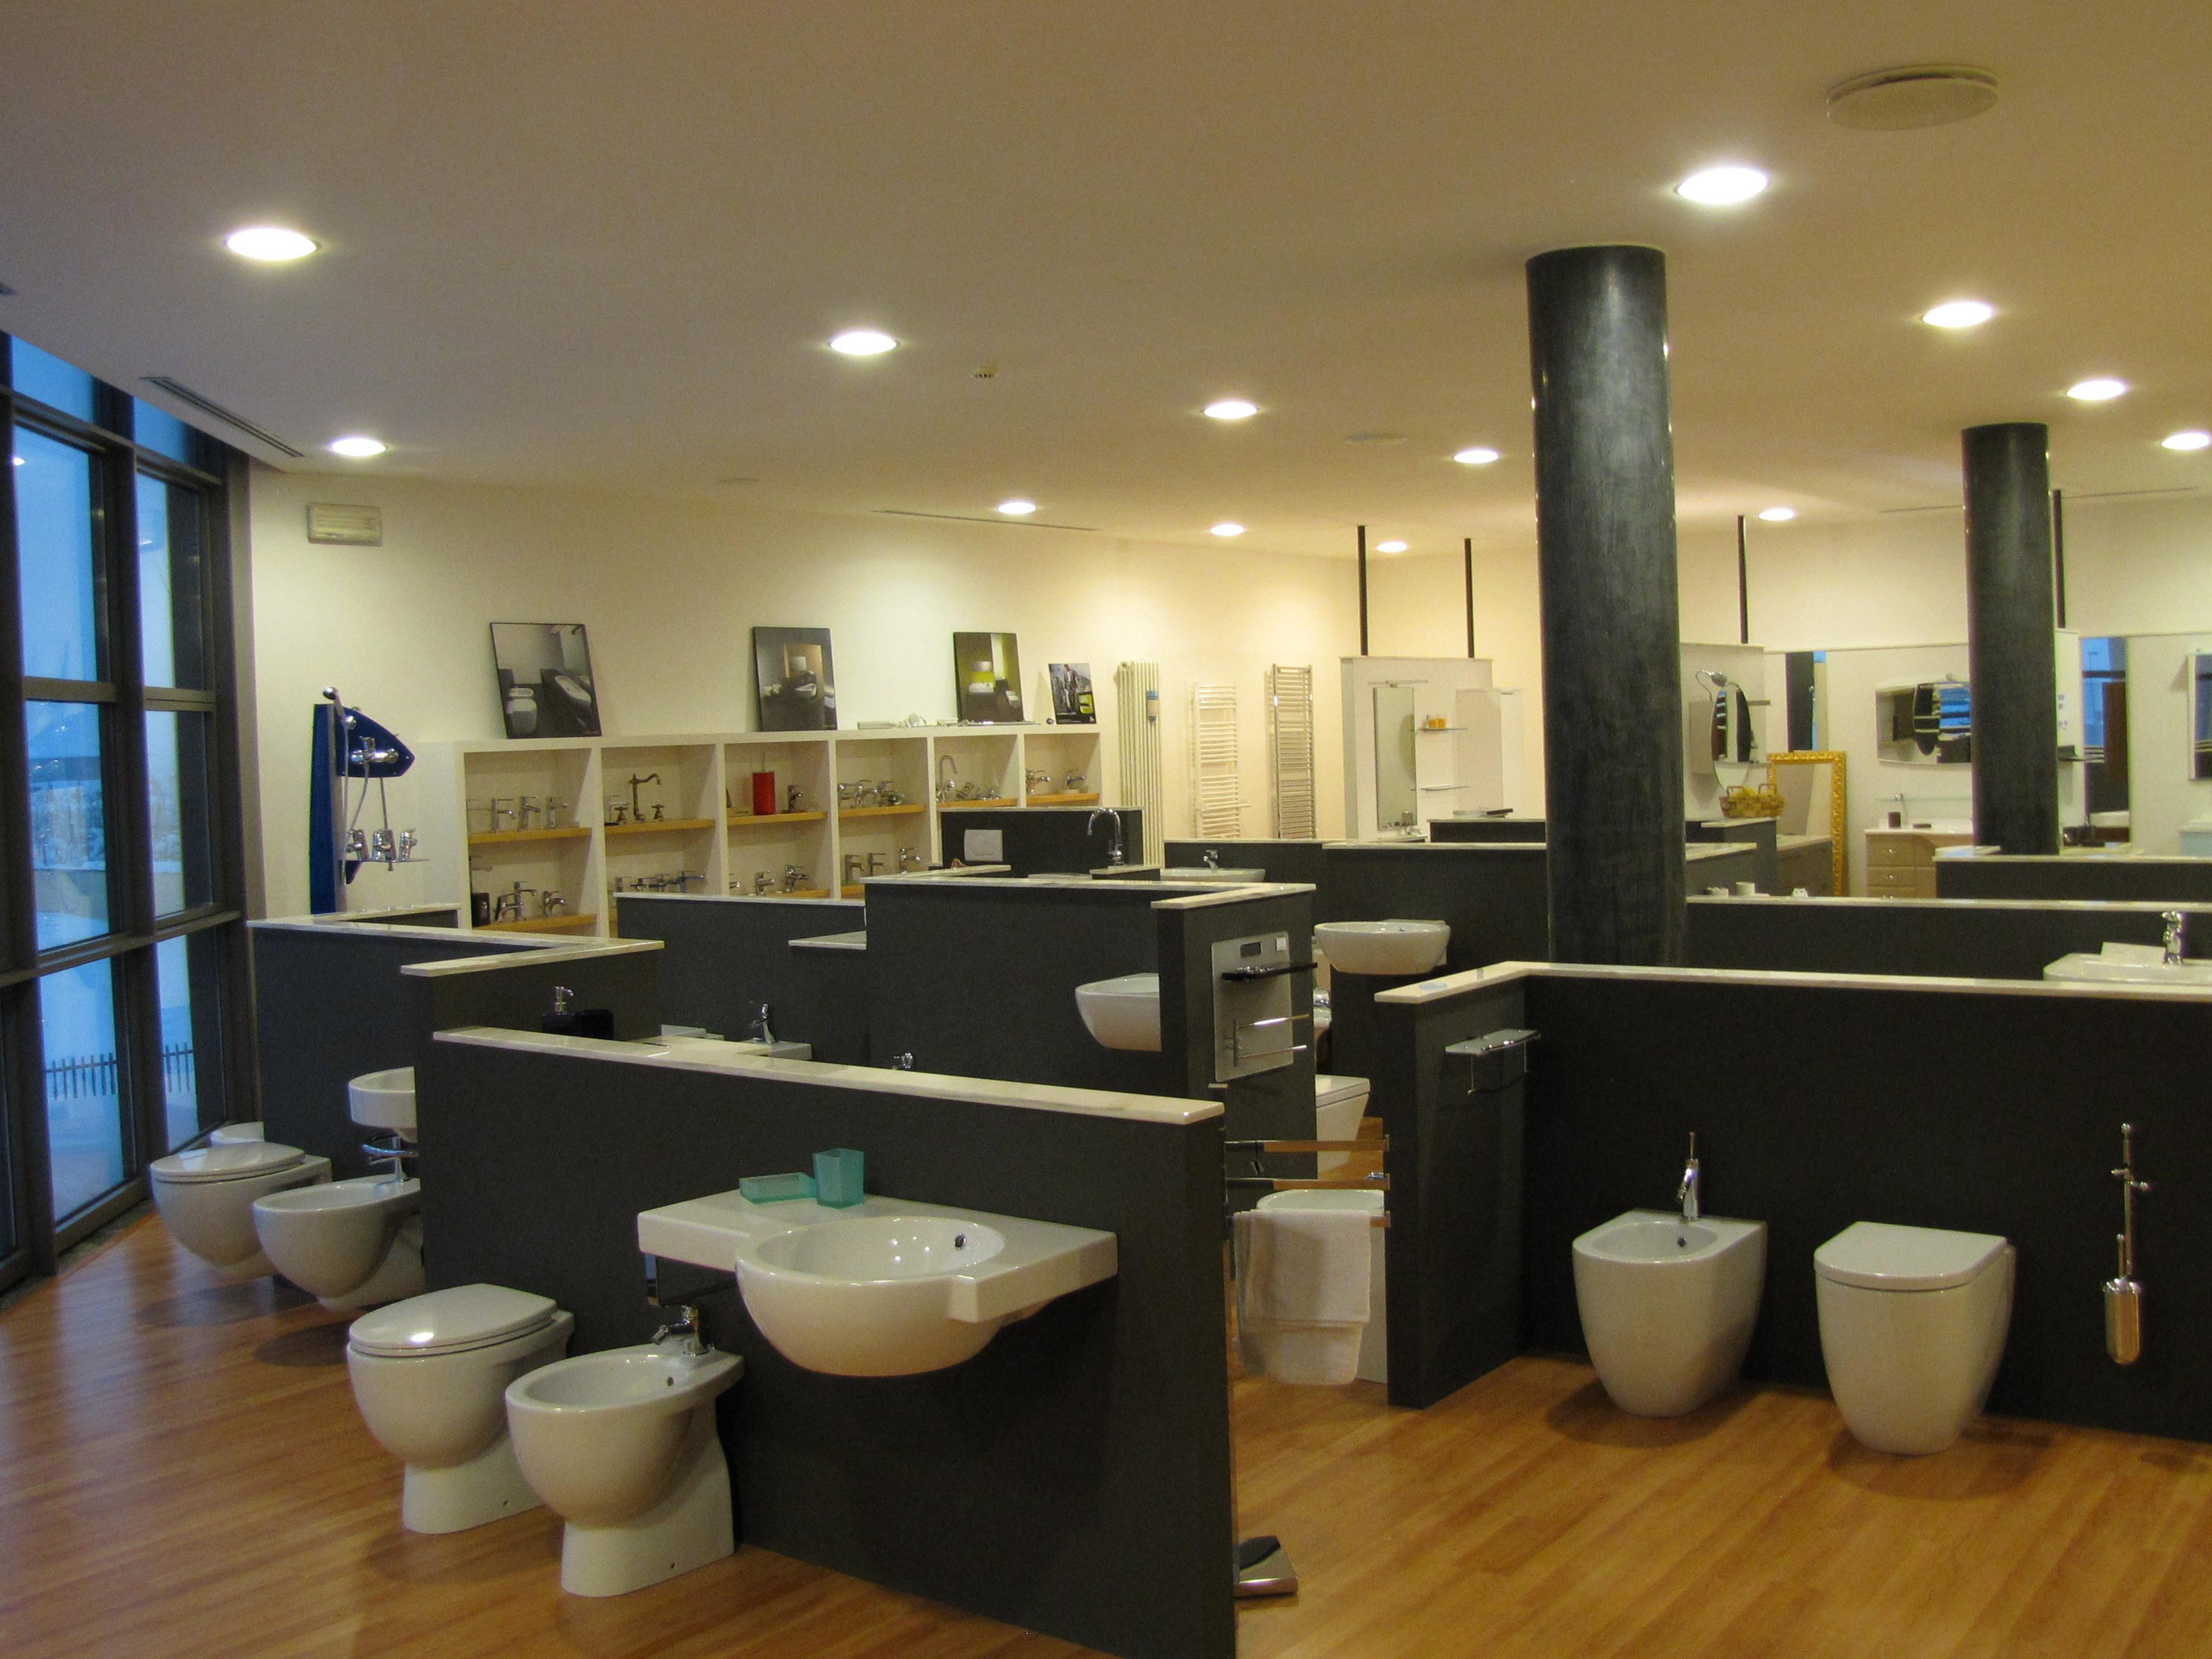 Esposizione arredo bagno vasche idromassaggio vasche da for Esposizione arredo bagno